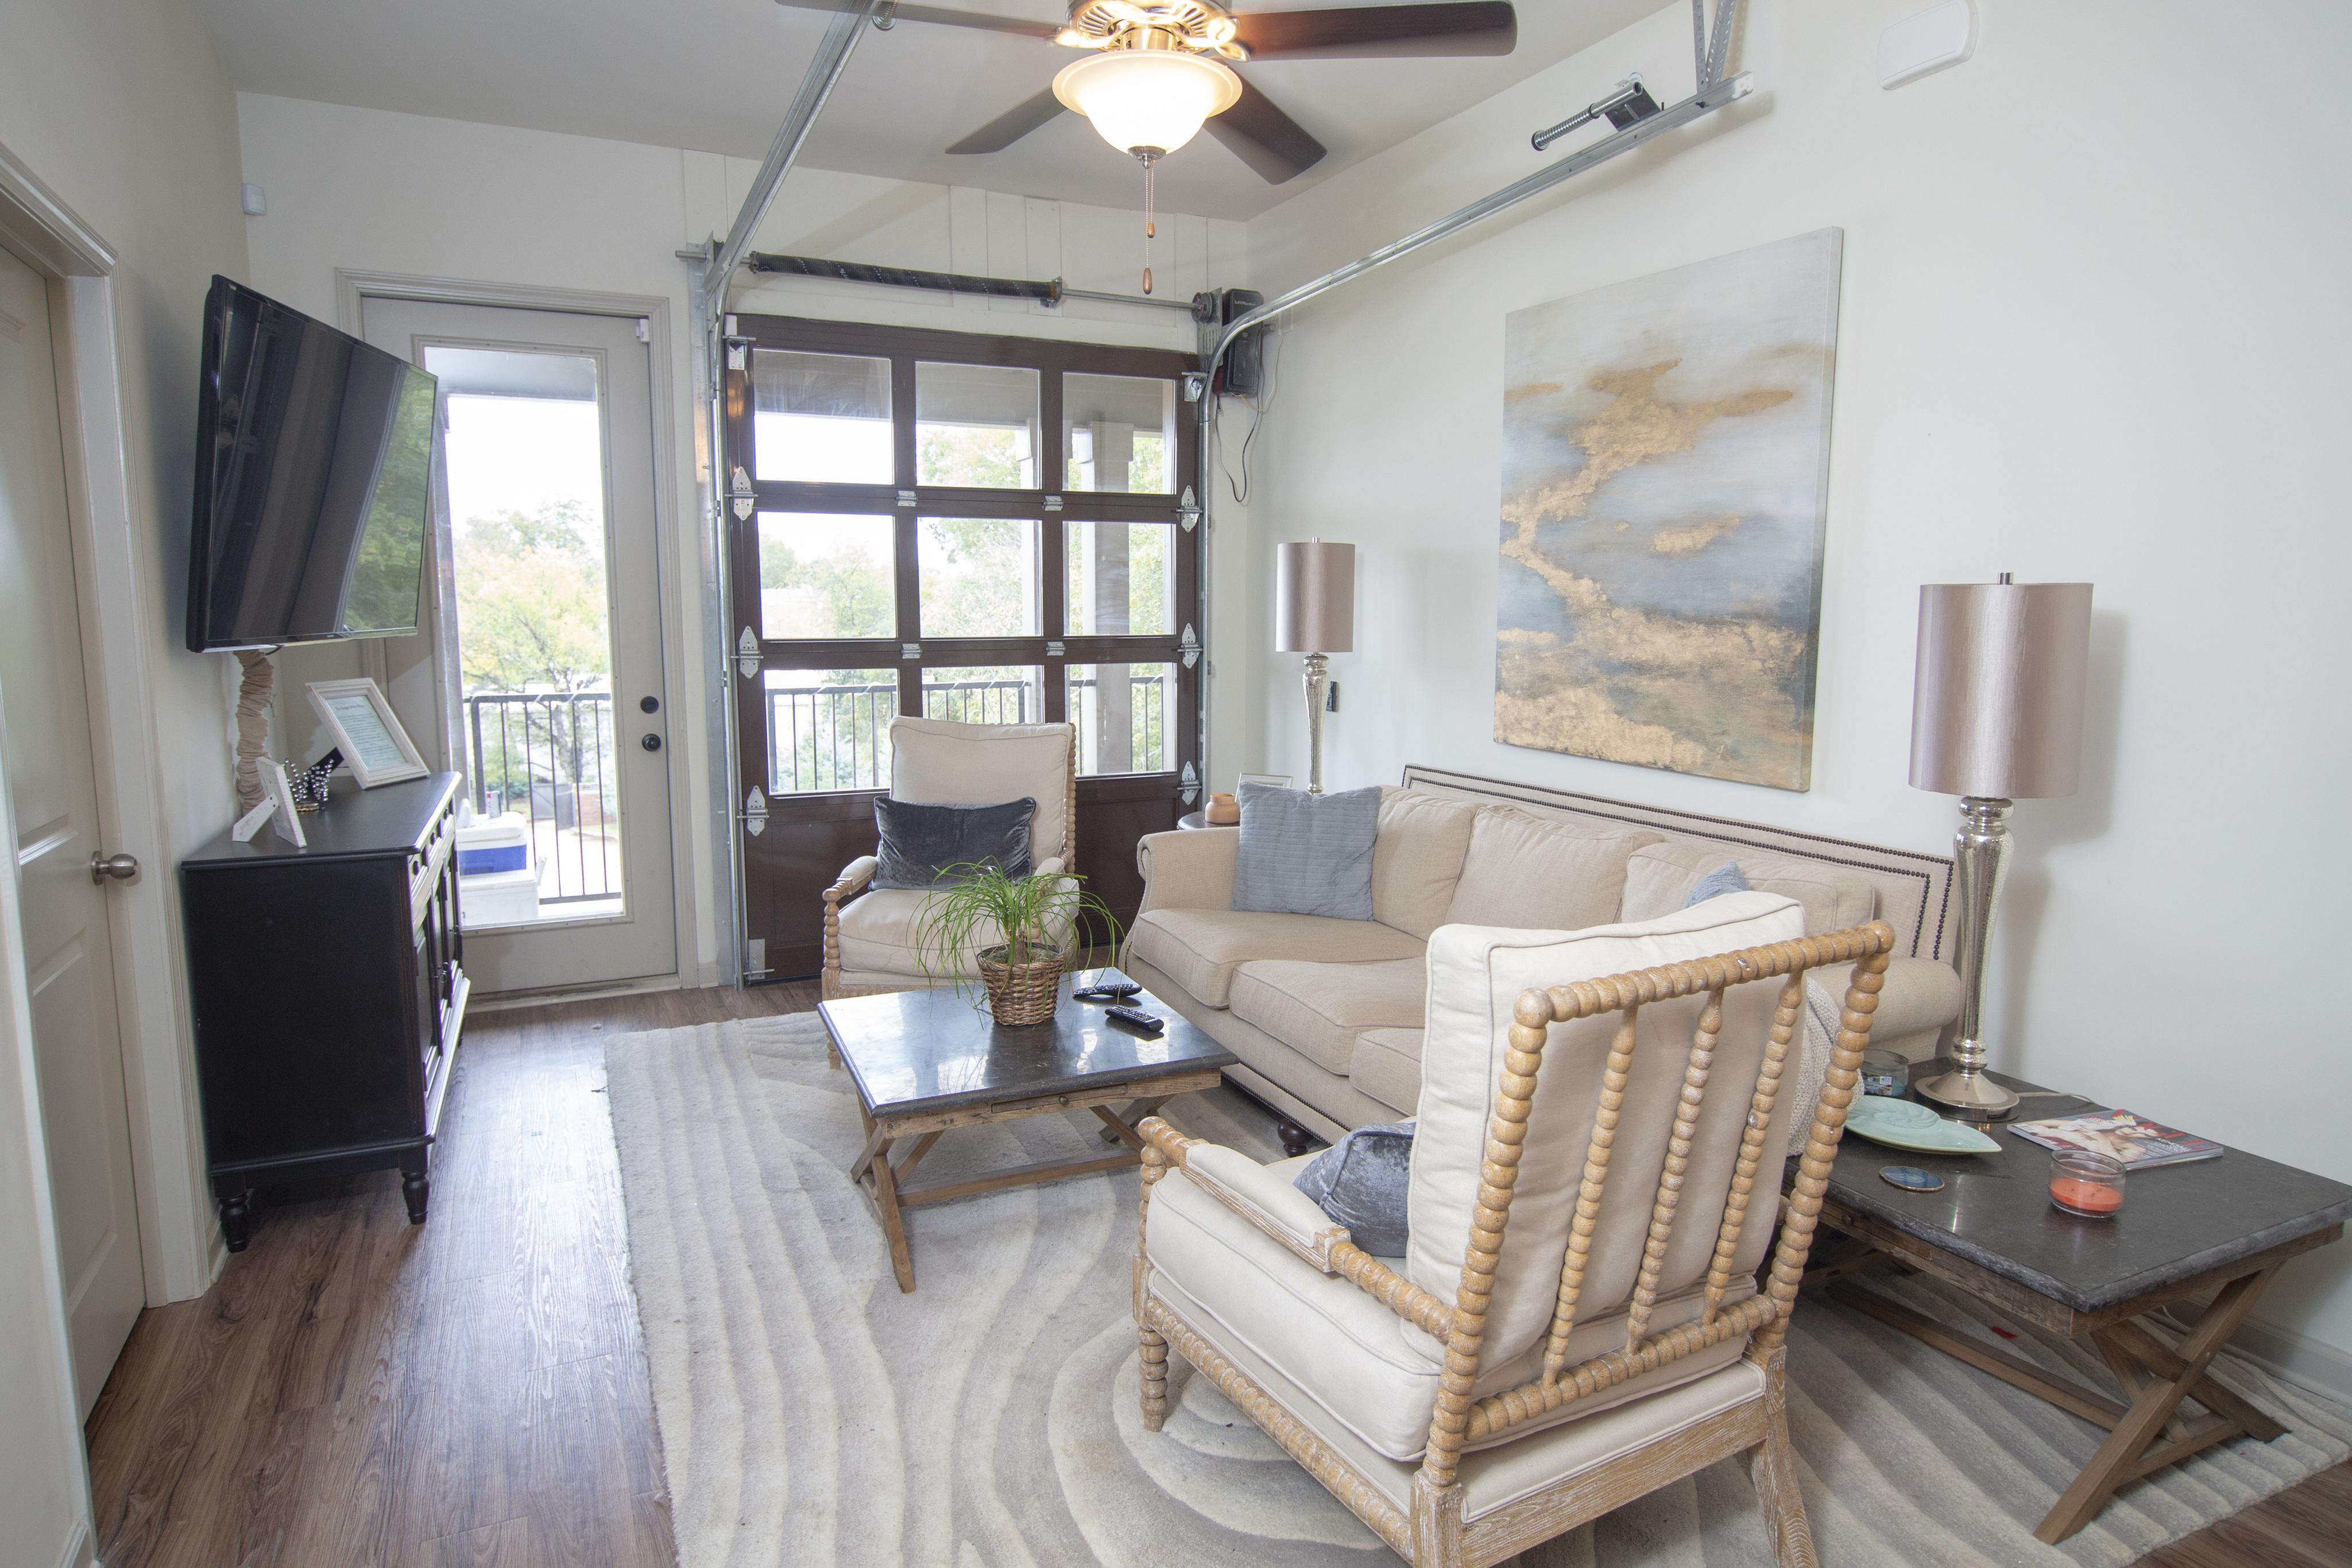 Image of Roll Up Garage Doors In Living Room for Balcony MSU